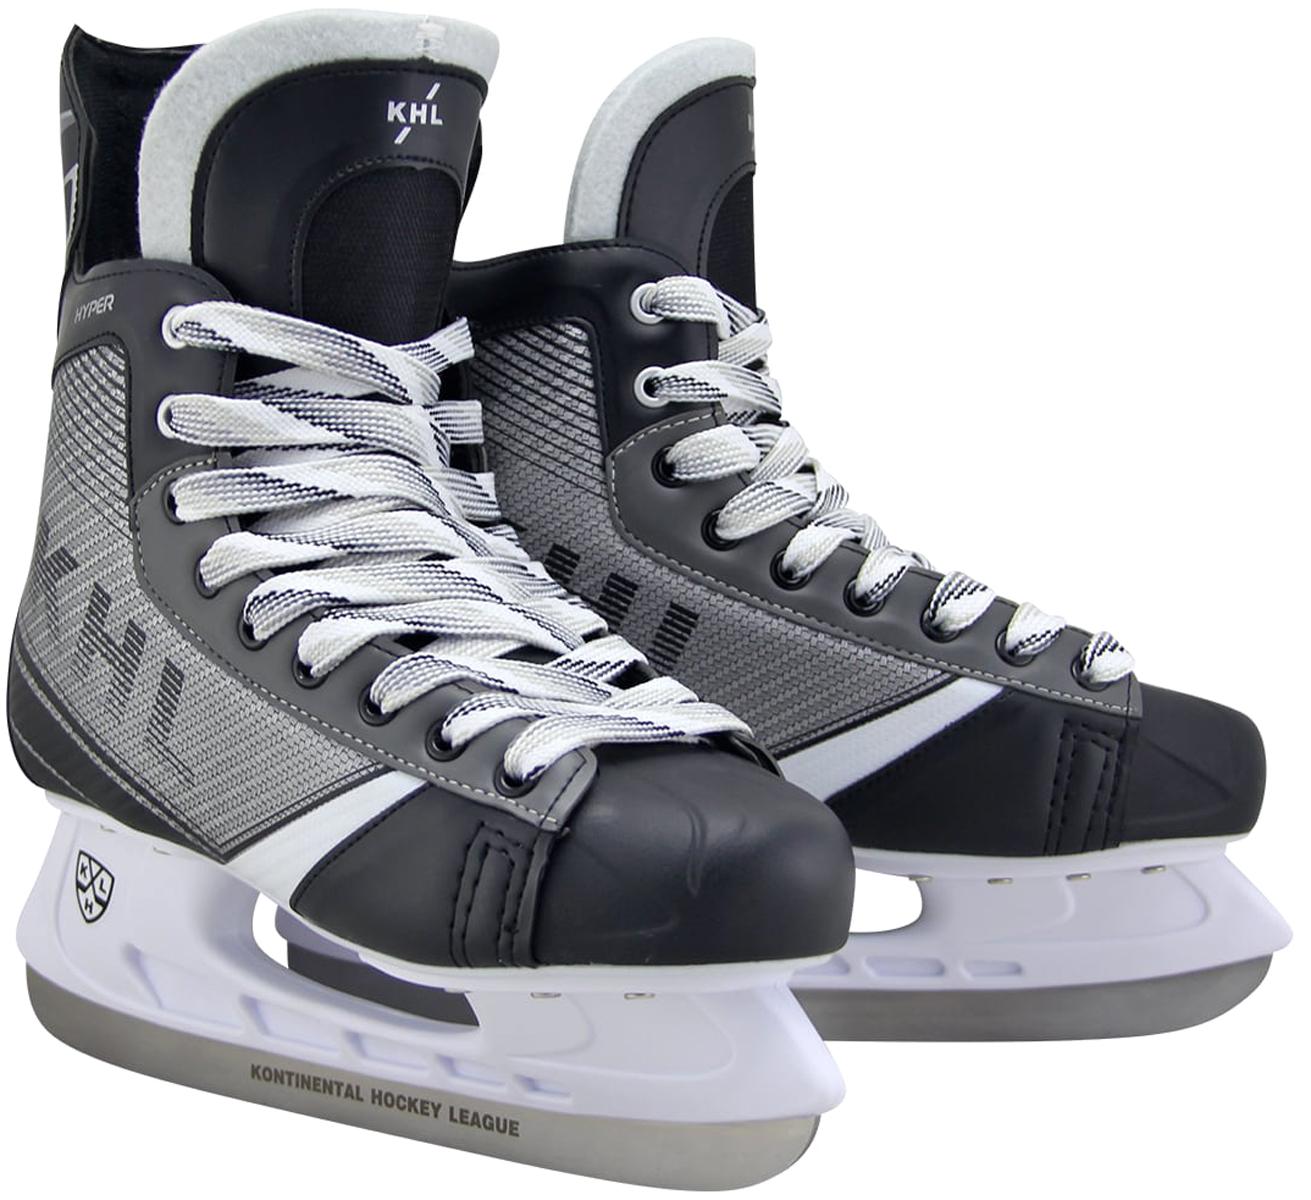 Коньки хоккейные мужские KHL Hyper, цвет: серый, черный, белый. Размер 42УТ-00010445Хоккейные коньки KHL Hyper являются официальной лицензионной продукцией Континентальной Хоккейной Лиги (КХЛ). Это прекрасная любительская модель коньков с уникальным стильным дизайном, выполненным в новой стилистической концепции КХЛ. В таких коньках Вы будете выделяться на любом катке. Коньки КХЛ Hyper - это прекрасный подарок для любого любителя хоккея! Усиленная жесткость ботинка, износостойкие материалы устоучивые к порезам, дополнительные вставки из EVA и MEMORY foam.Коньки поставляются в стильной коробке и с заводской заточкой лезвия, что позволяет сразу приступить к катанию, не тратя времени и денег на заточку. Коньки подходят для использования на открытом и закрытом льду.Усиленная жесткость ботинка, износостойкие материалы устоучивые к порезам, дополнительные вставки из EVA и MEMORY foam.Основные характеристики: Назначение: хоккейные конькиТип фиксации: шнуркиРазмеры: 37, 38, 39, 40, 41, 42, 43, 44, 45, 46Цвет: черный, серый, белыйДополнительные характеристики:Материал ботинка: искусственная кожа, высокопрочная нейлоновая ткань, ударостойкий пластикВнутренняя отделка: текстильные материалыЛезвие: выполнено из высокоуглеродистой стали с покрытием из никеляУпаковка: красочная коробка Дополнительно: гарантия 1 год